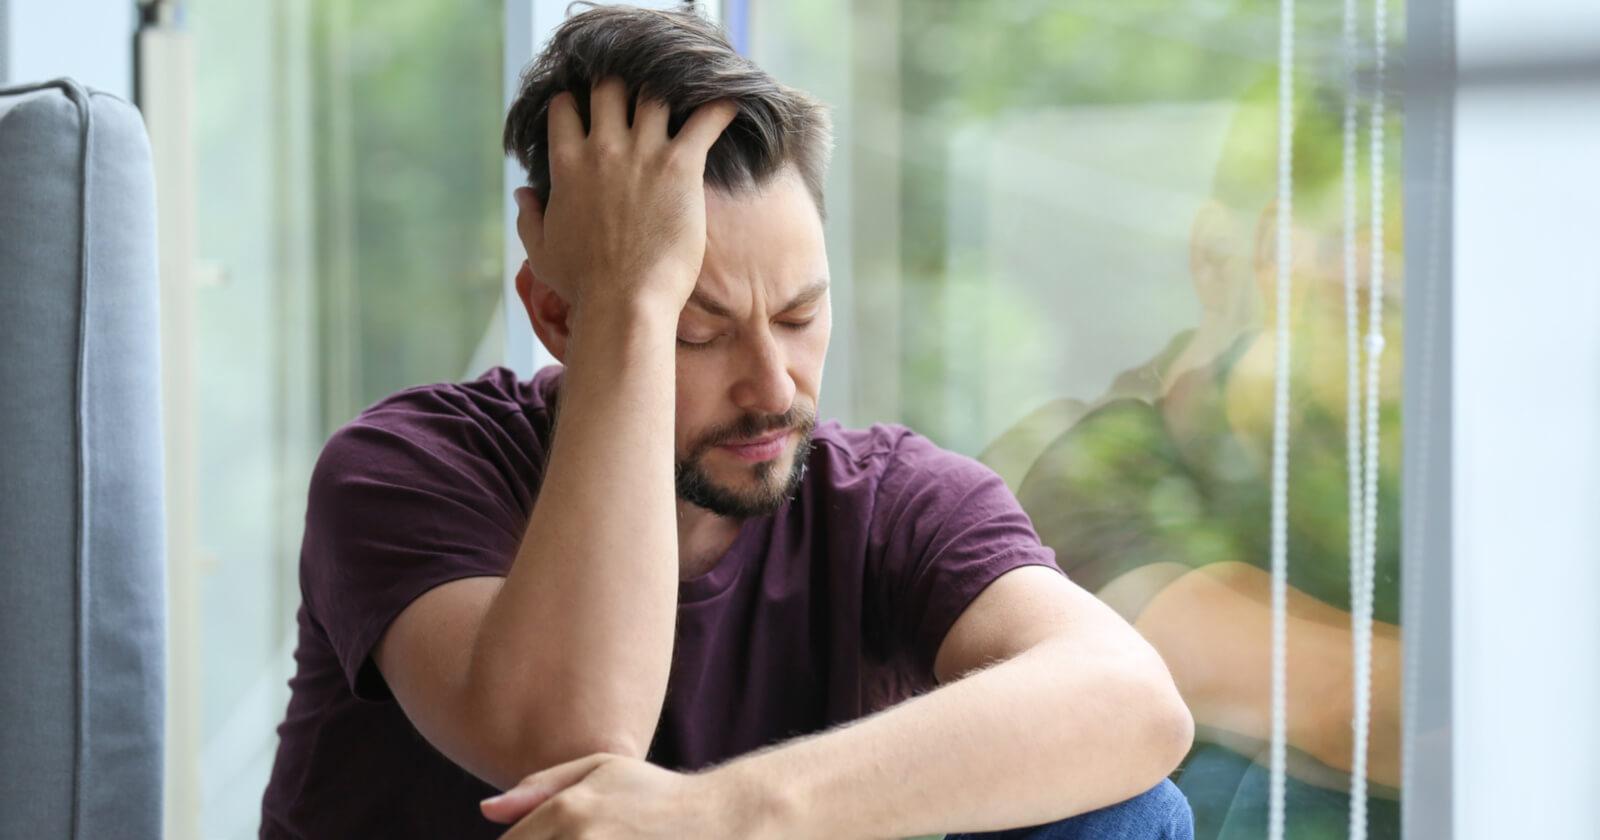 Mann leidet unter Erschöpfung aufgrund eines B12 Mangels.